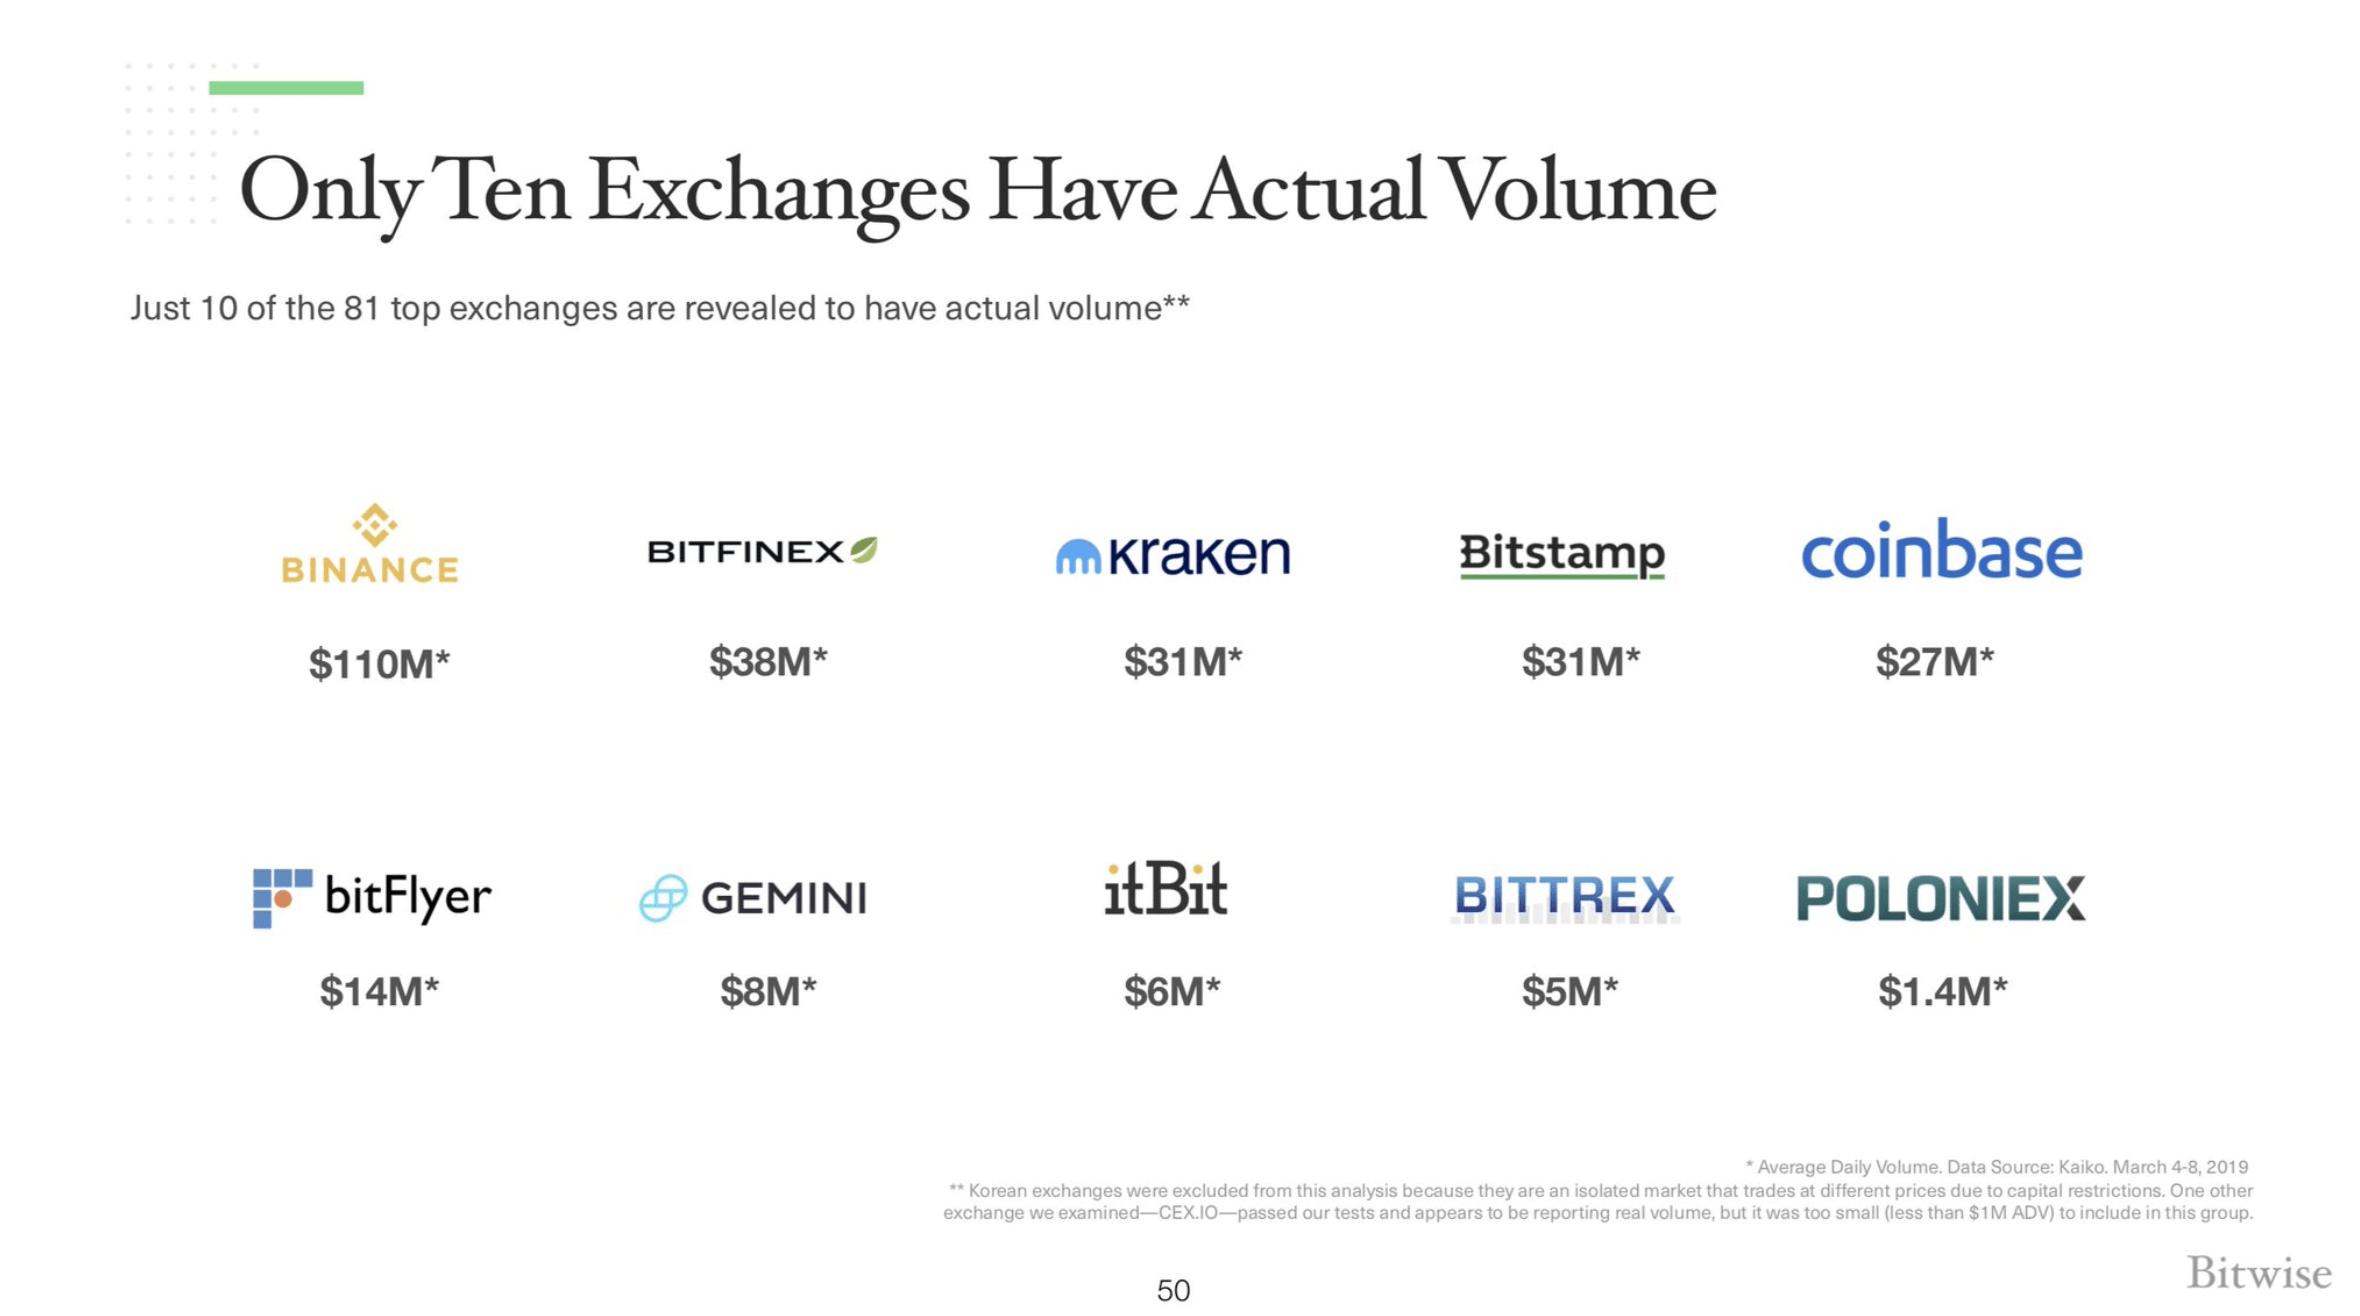 La liste des 10 exchanges selon Bitwise qui concentrerait la majorité du volume réel.